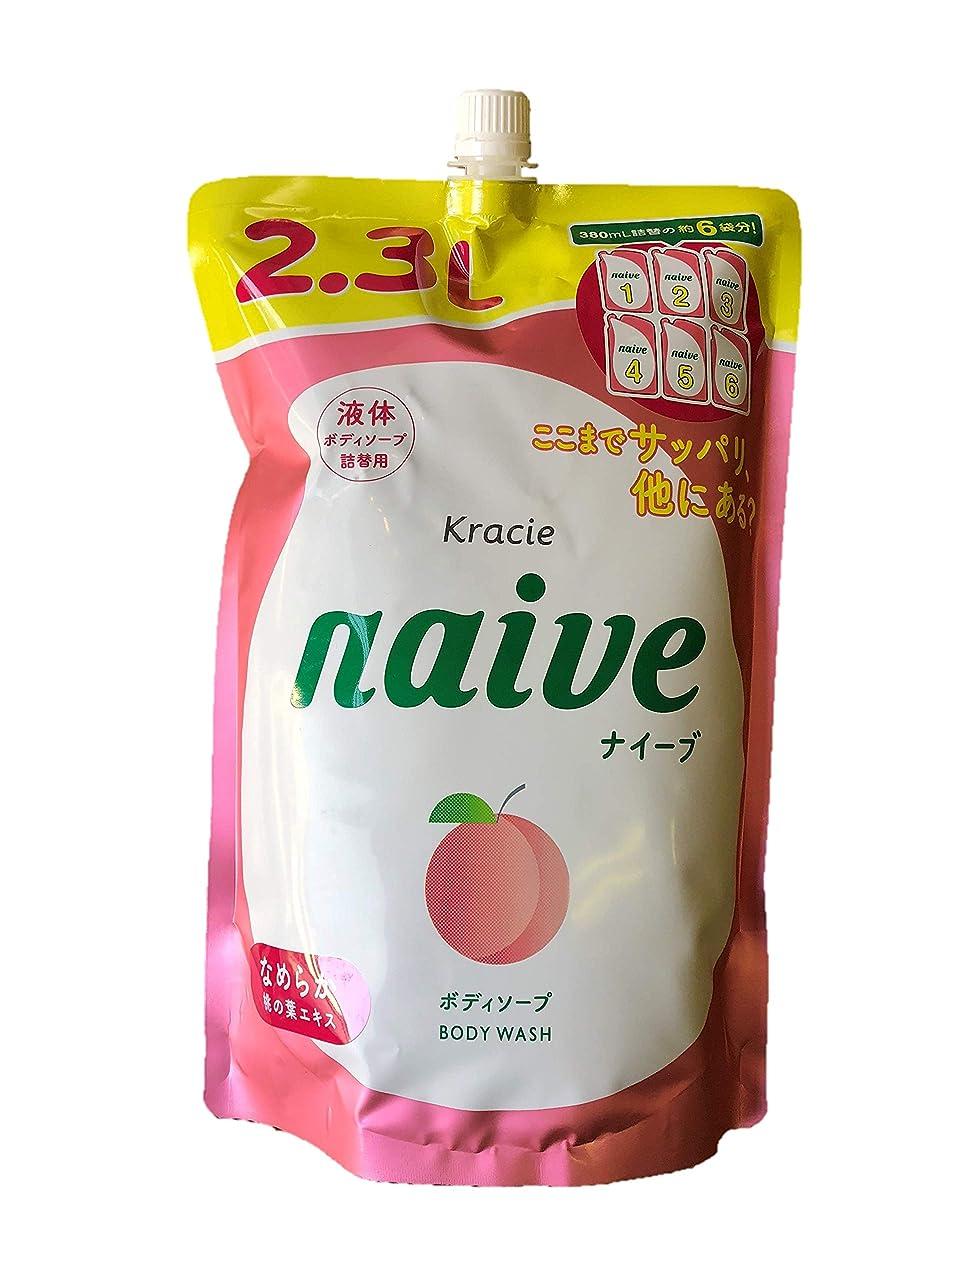 応じる前提かすかな【大容量2.3L】ナイーブ 植物性ボディーソープ 自然でやさしい桃の香り 2300ml